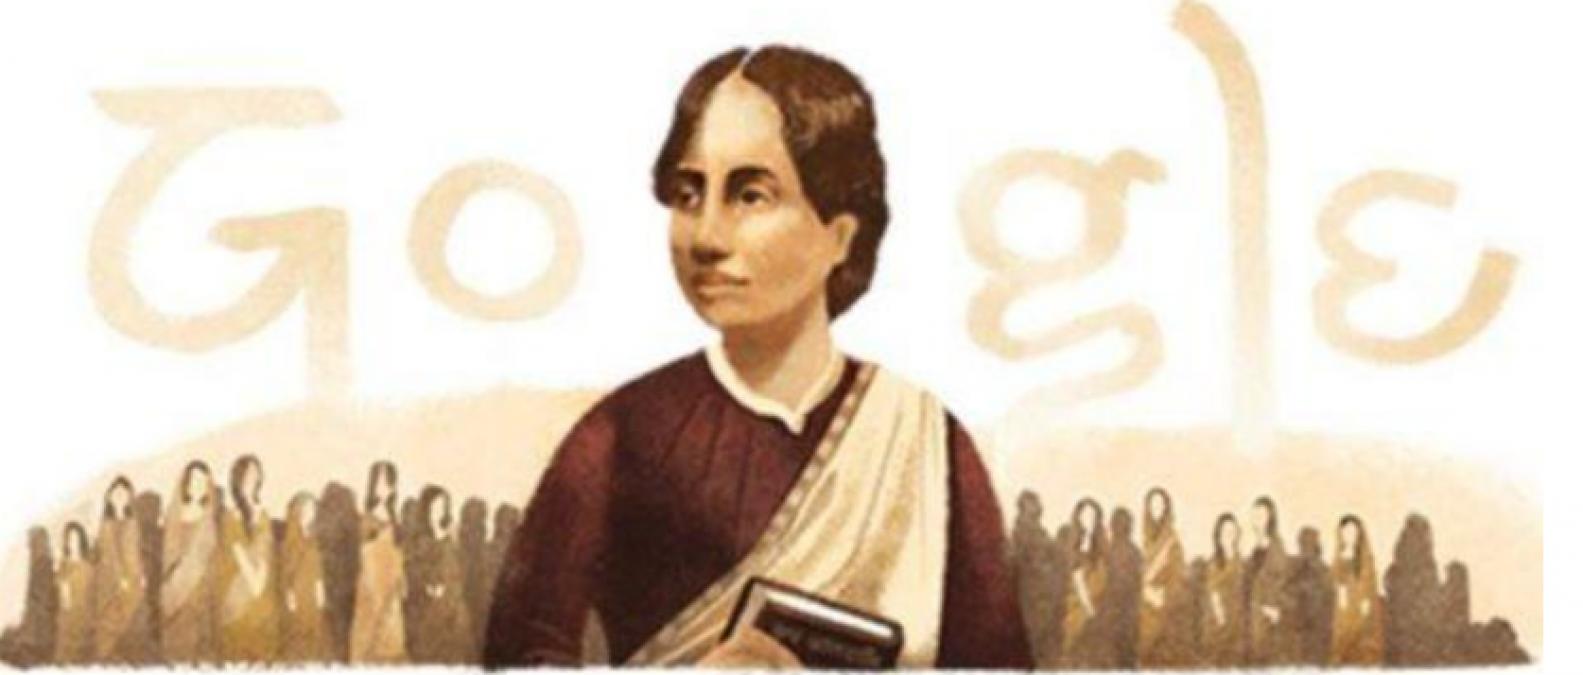 Google Doodle : कामिनी राय का जीवन था समाज को समर्पित, महिलाओं के लिए किया था ये काम